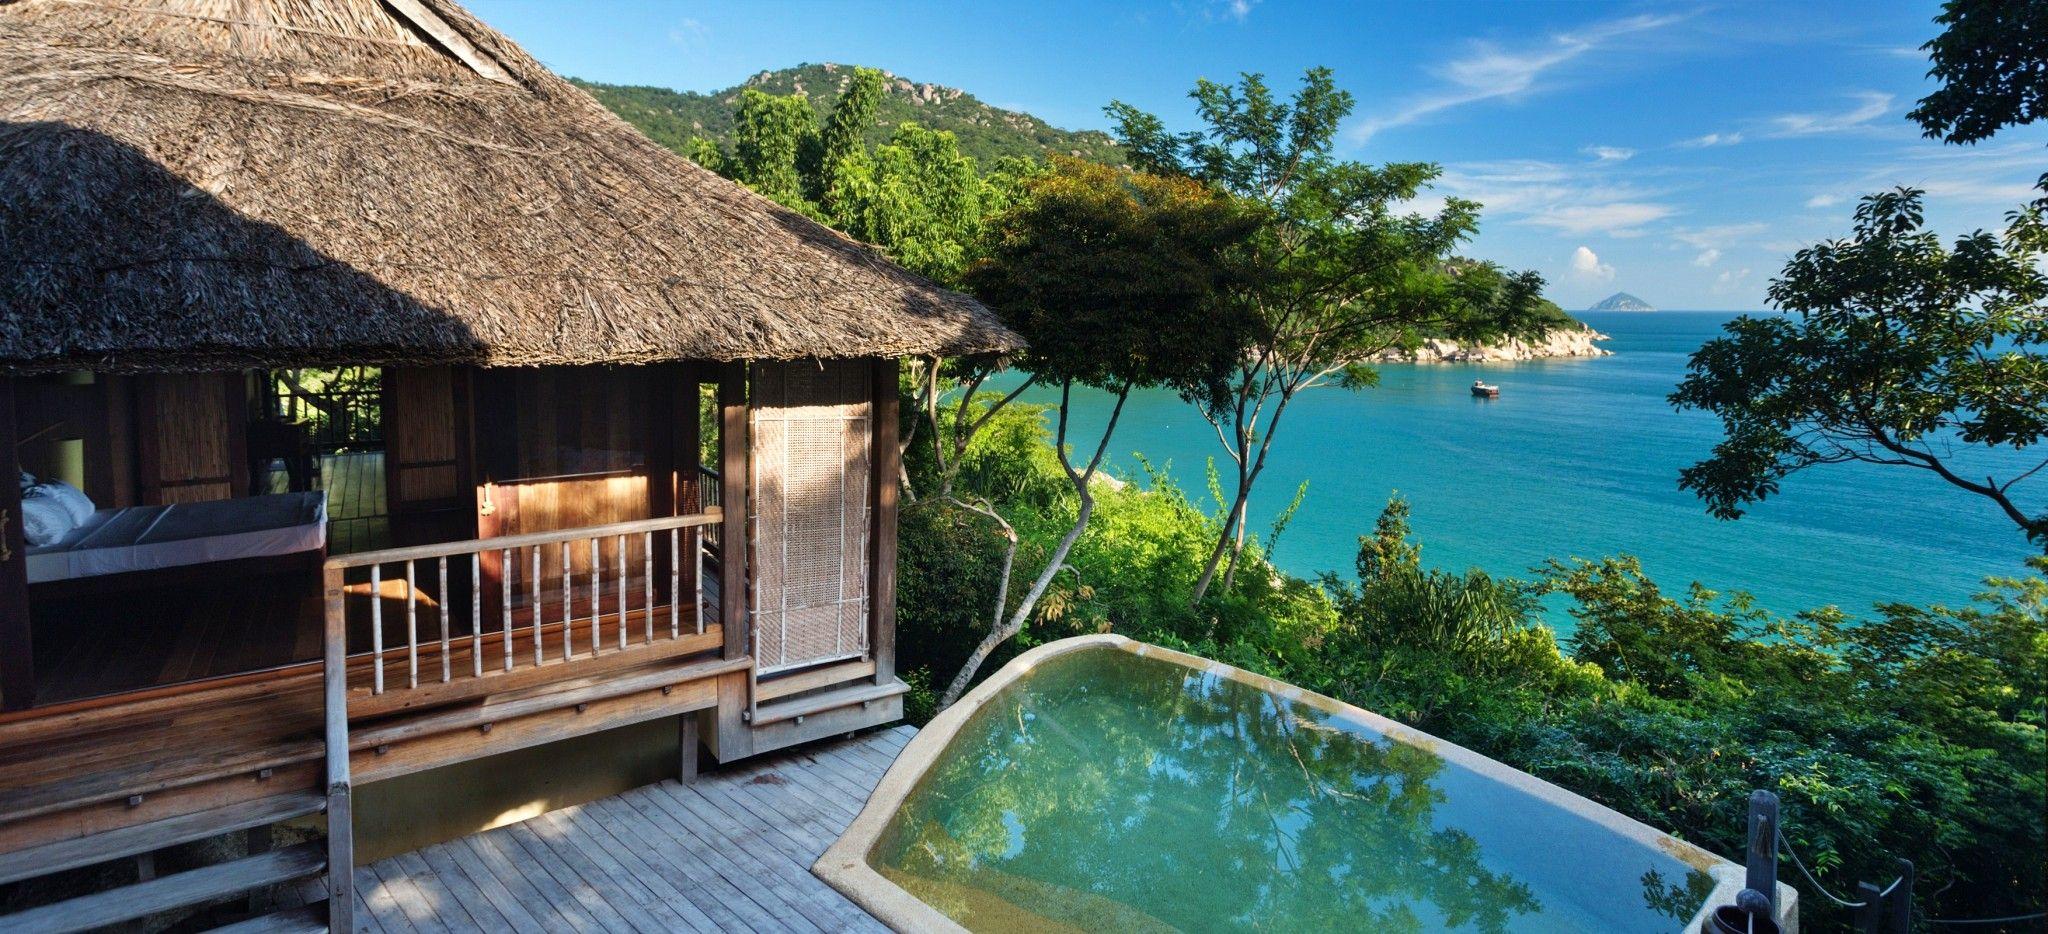 Eine Villa mit Blick auf das Meer mit einem Pool auf der Terrasse